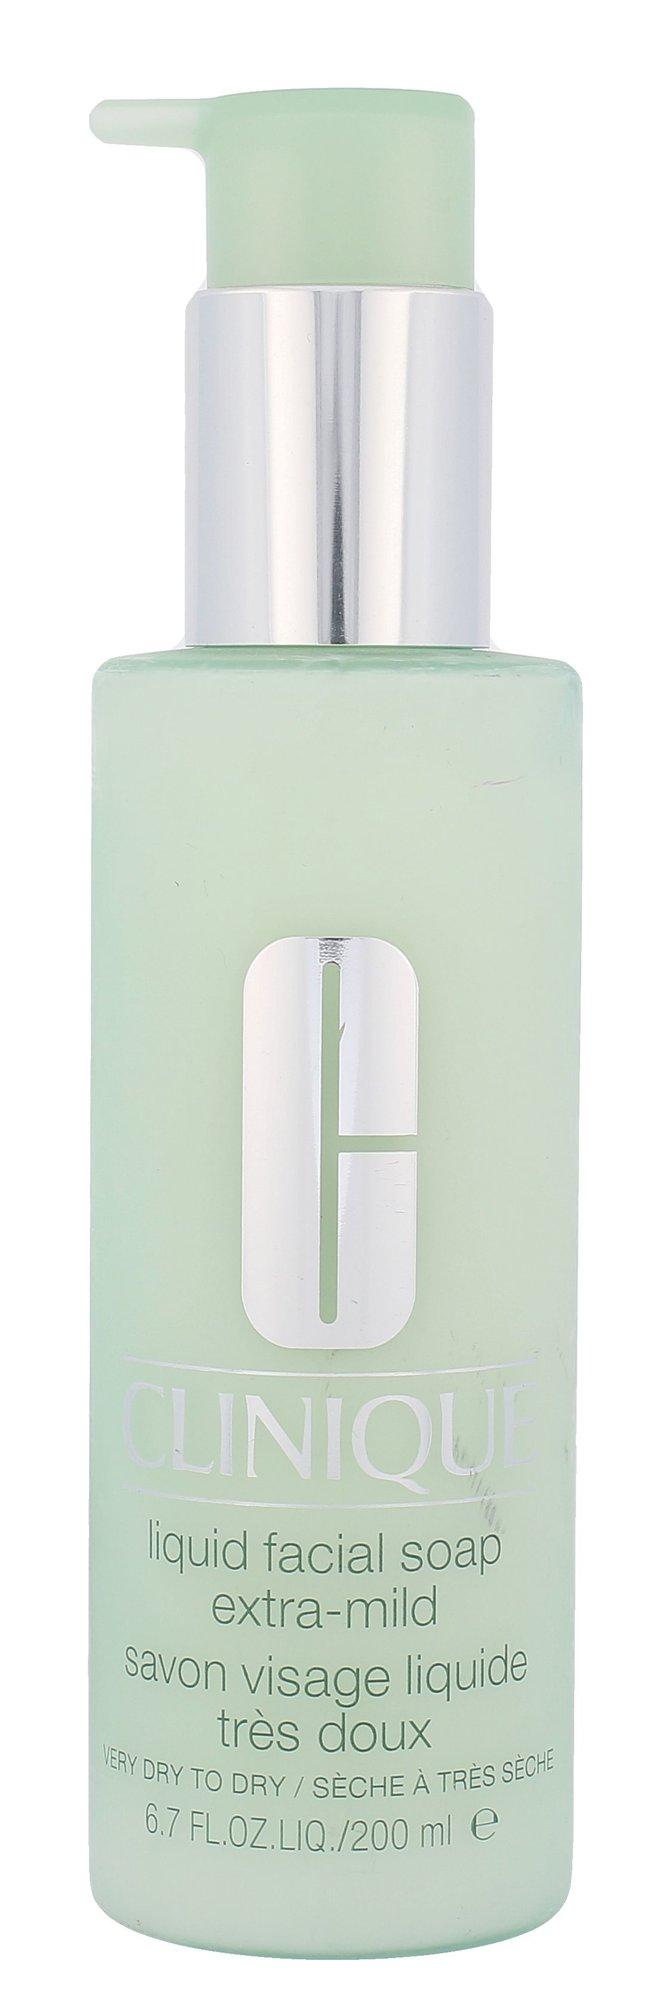 Clinique Liquid Facial Soap Extra Mild Cosmetic 200ml